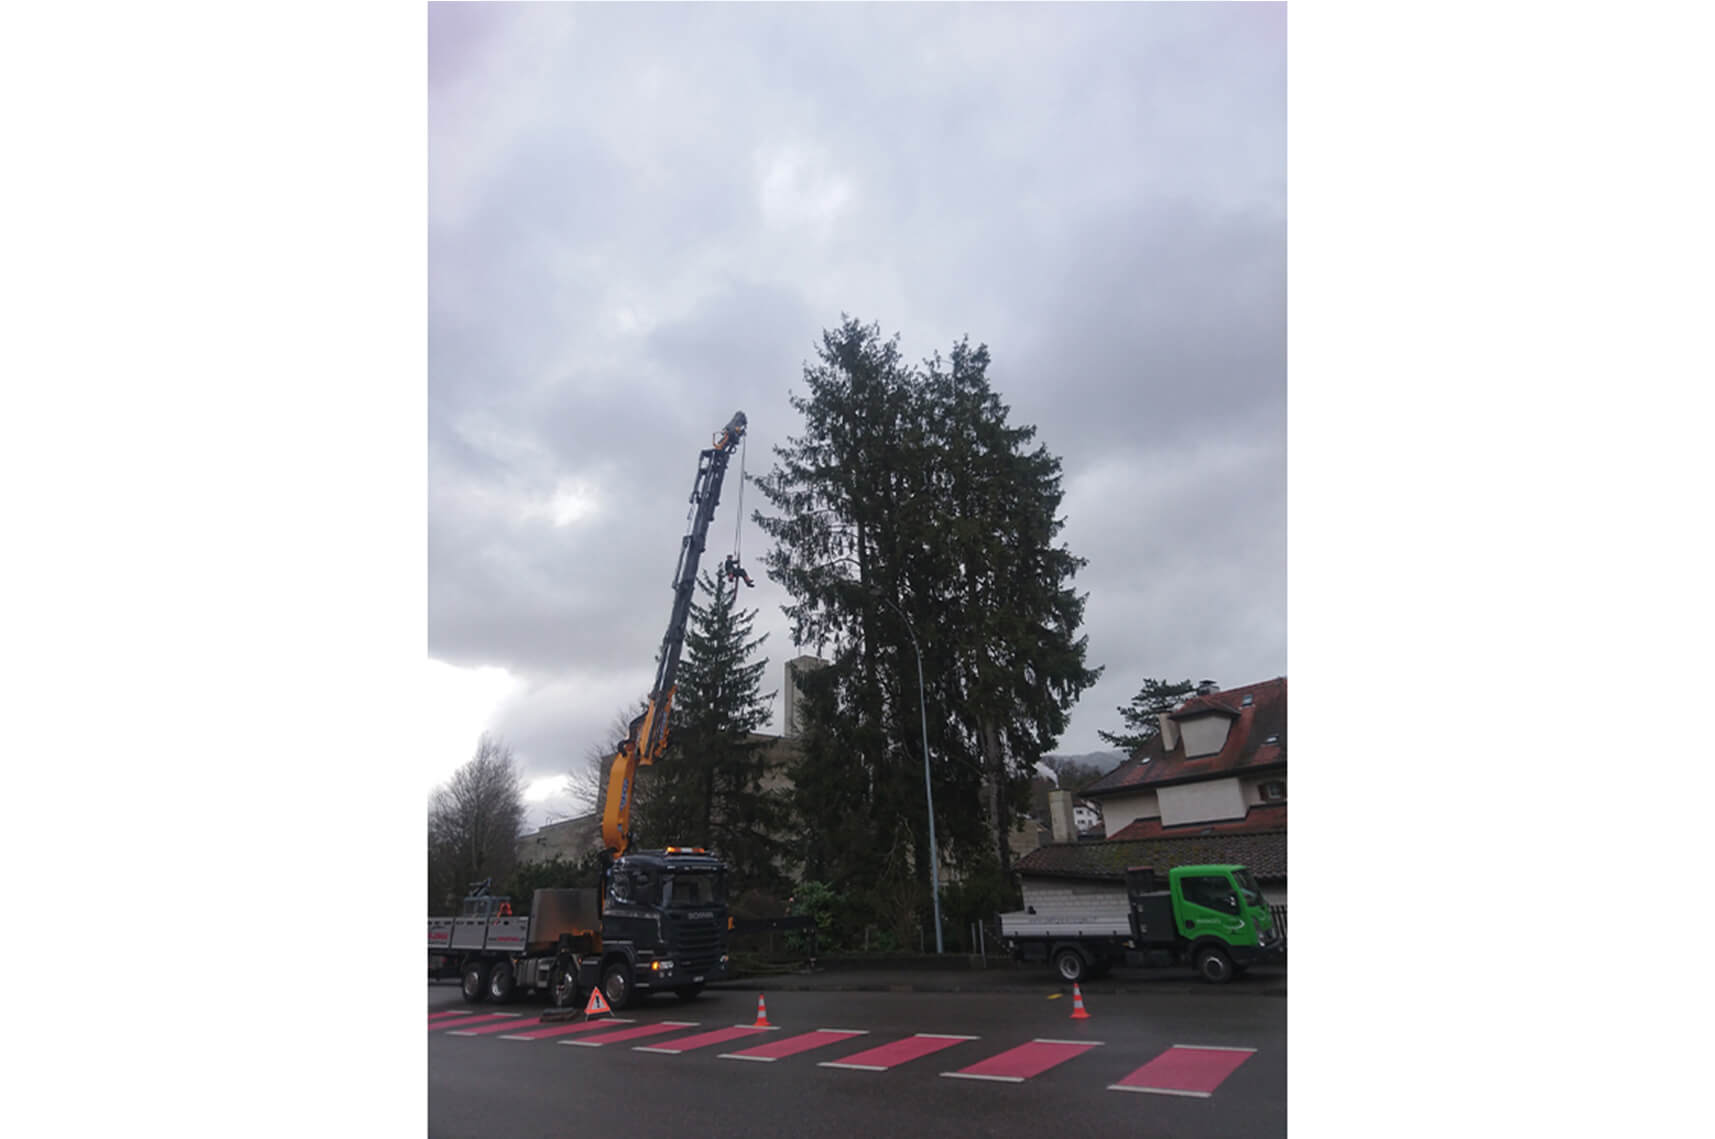 mickael aellig paysagiste moutier abattage arbre elagage abattage (1)